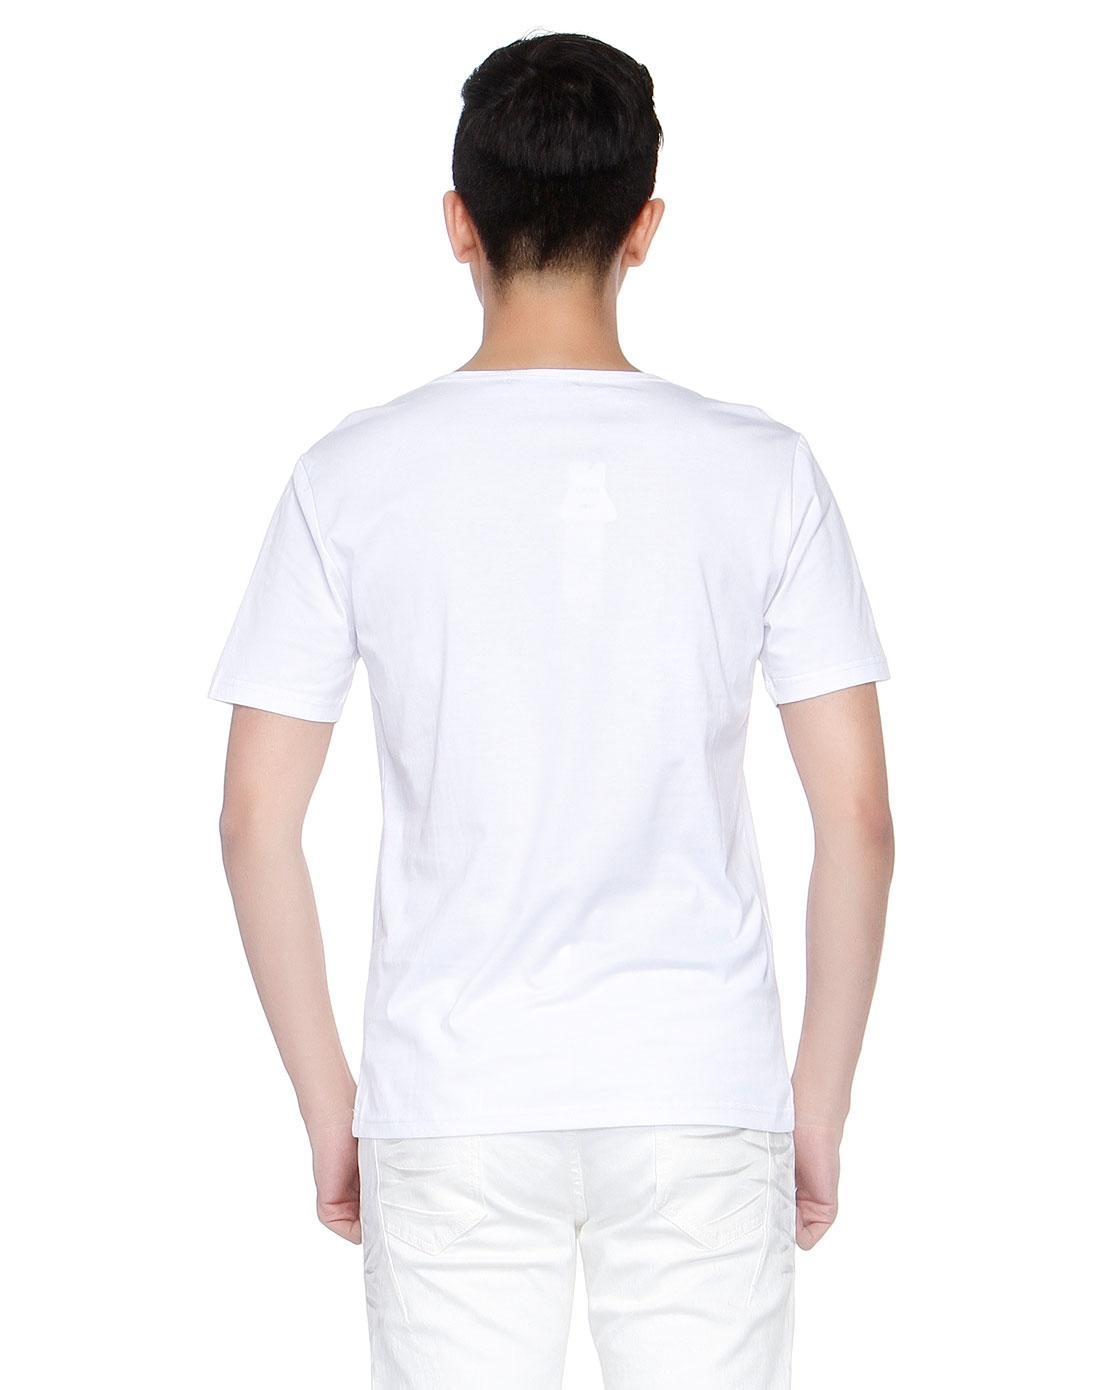 白/多色印图青春短袖t恤图片